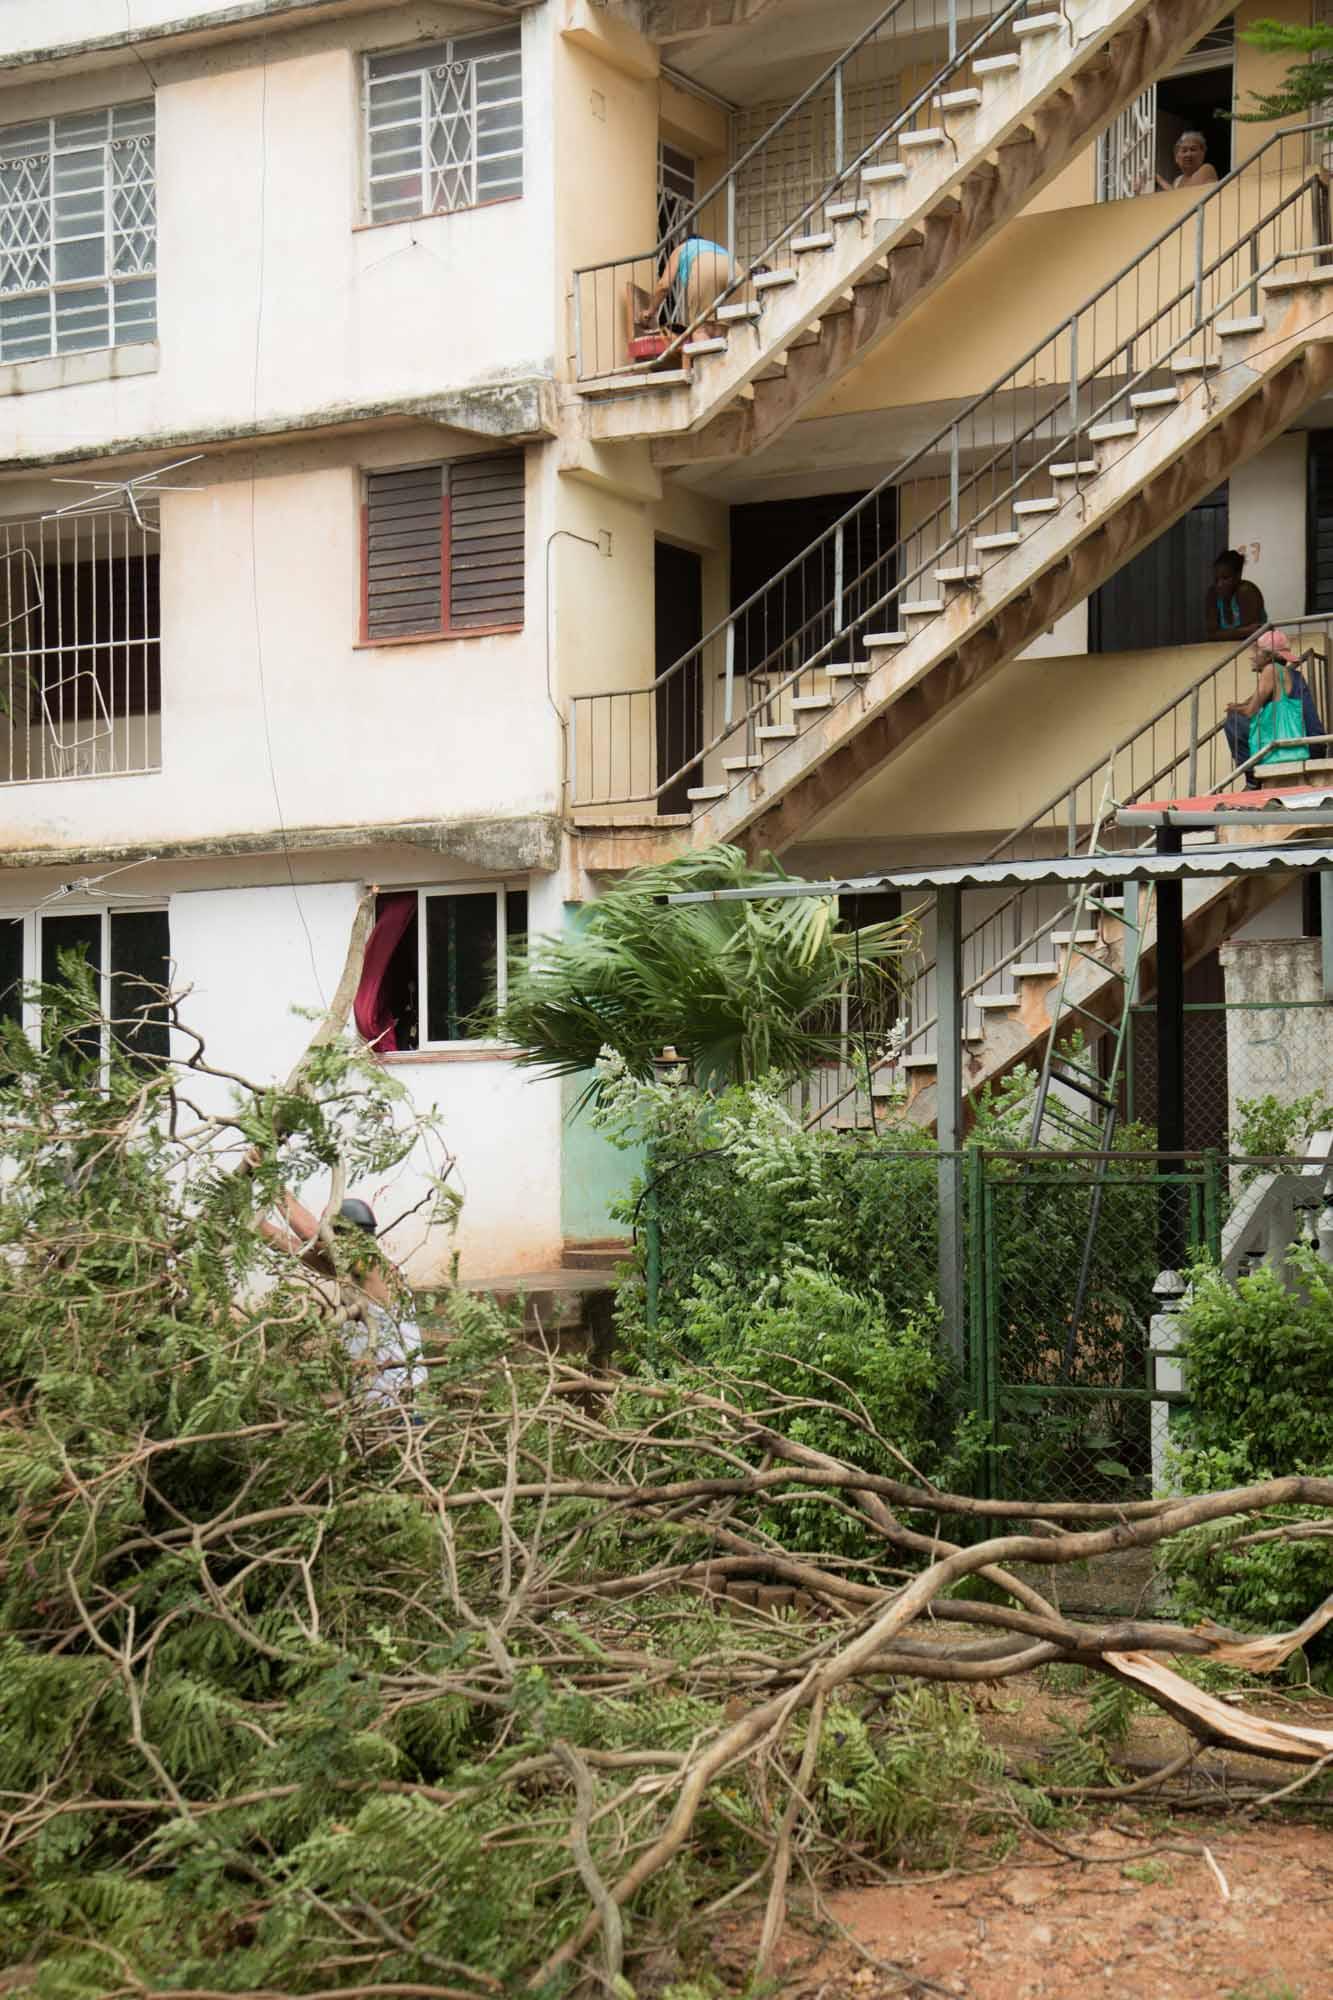 Los vecinos, ya sin luz, esperan la catástrofe (Foto: Jorge Ricardo)